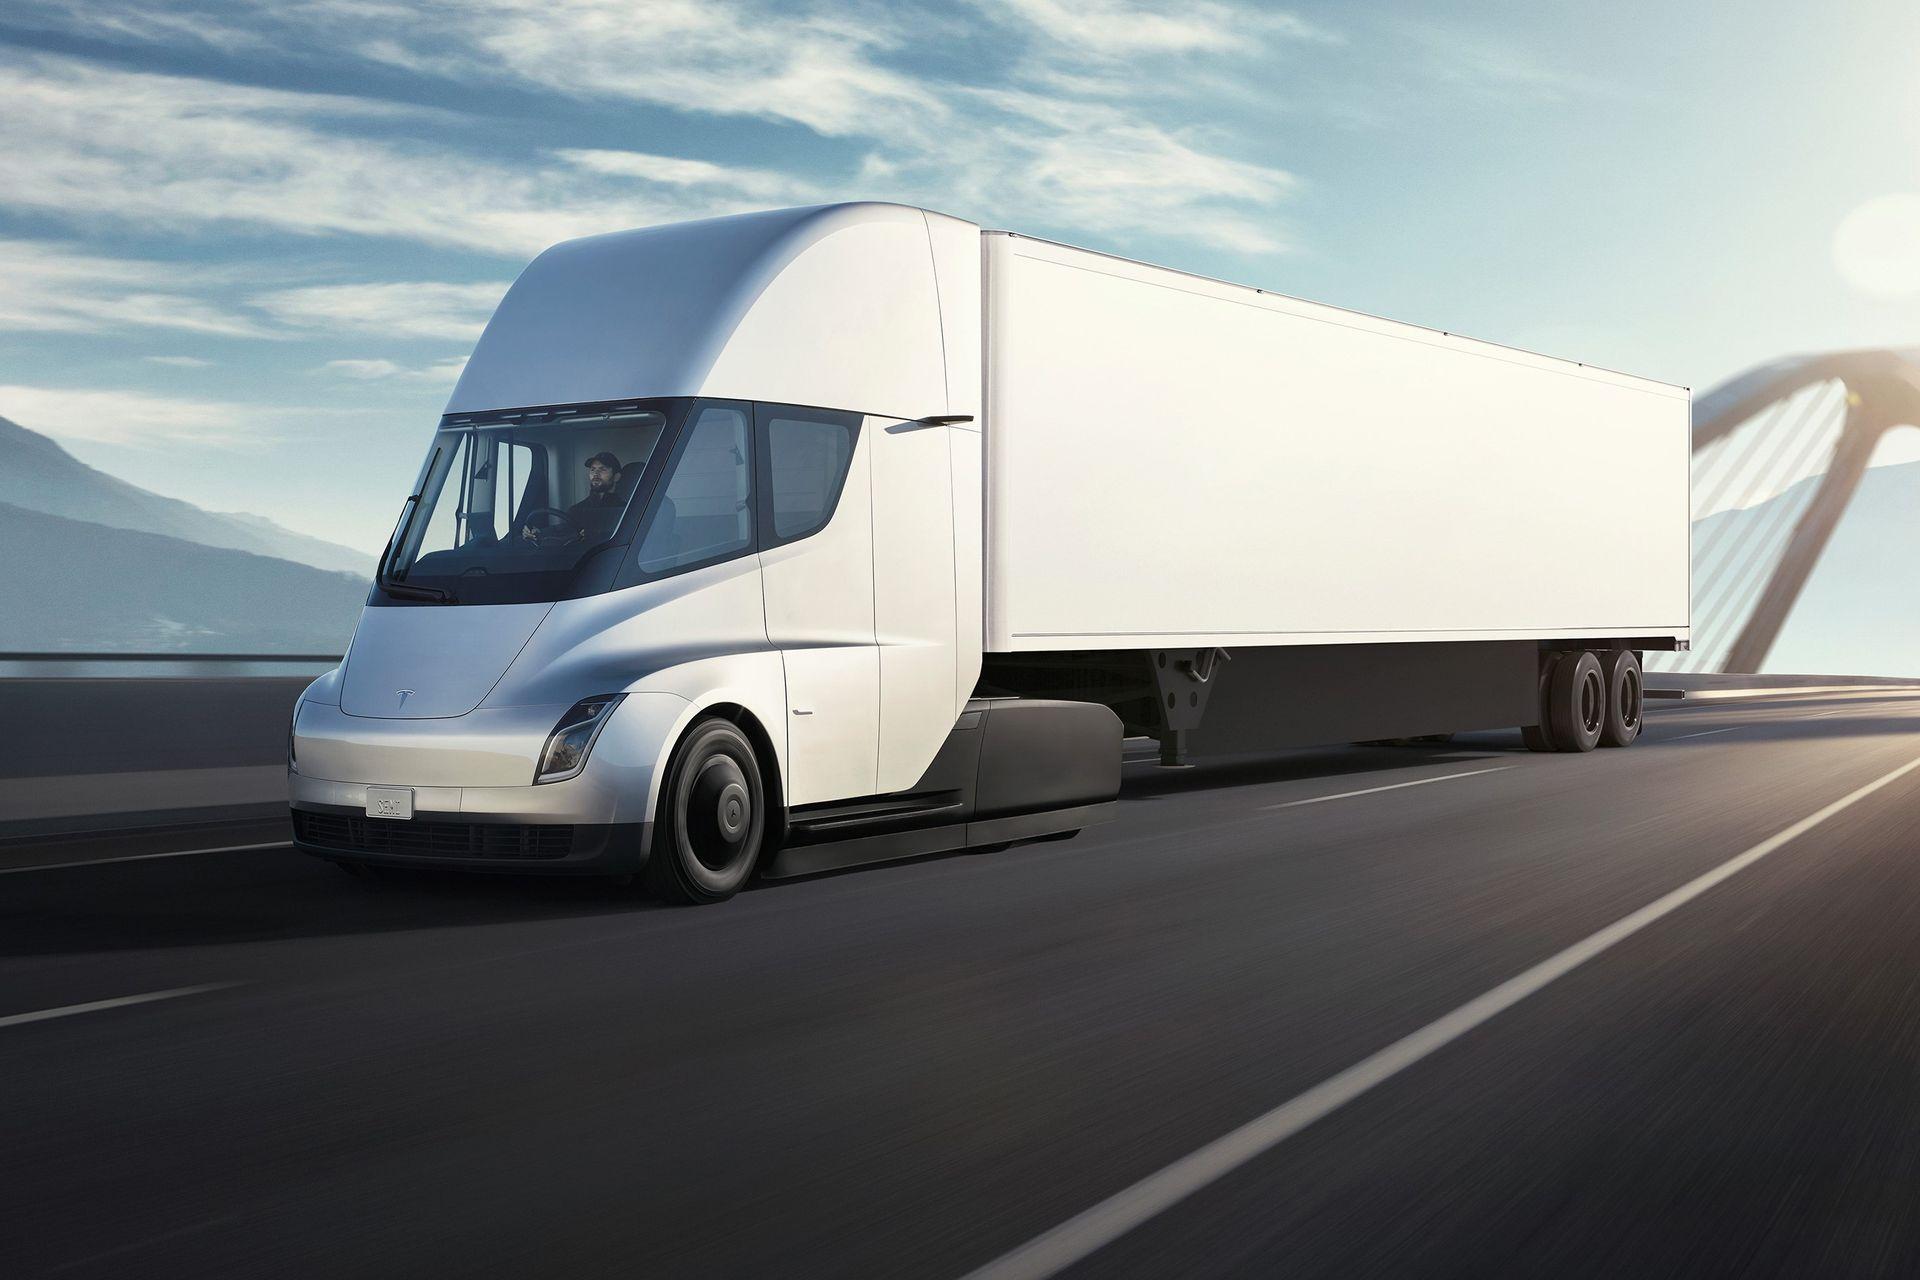 En 2025 rodarán 54.000 camiones eléctricos por las carreteras norteamericanas…¿y en Europa?